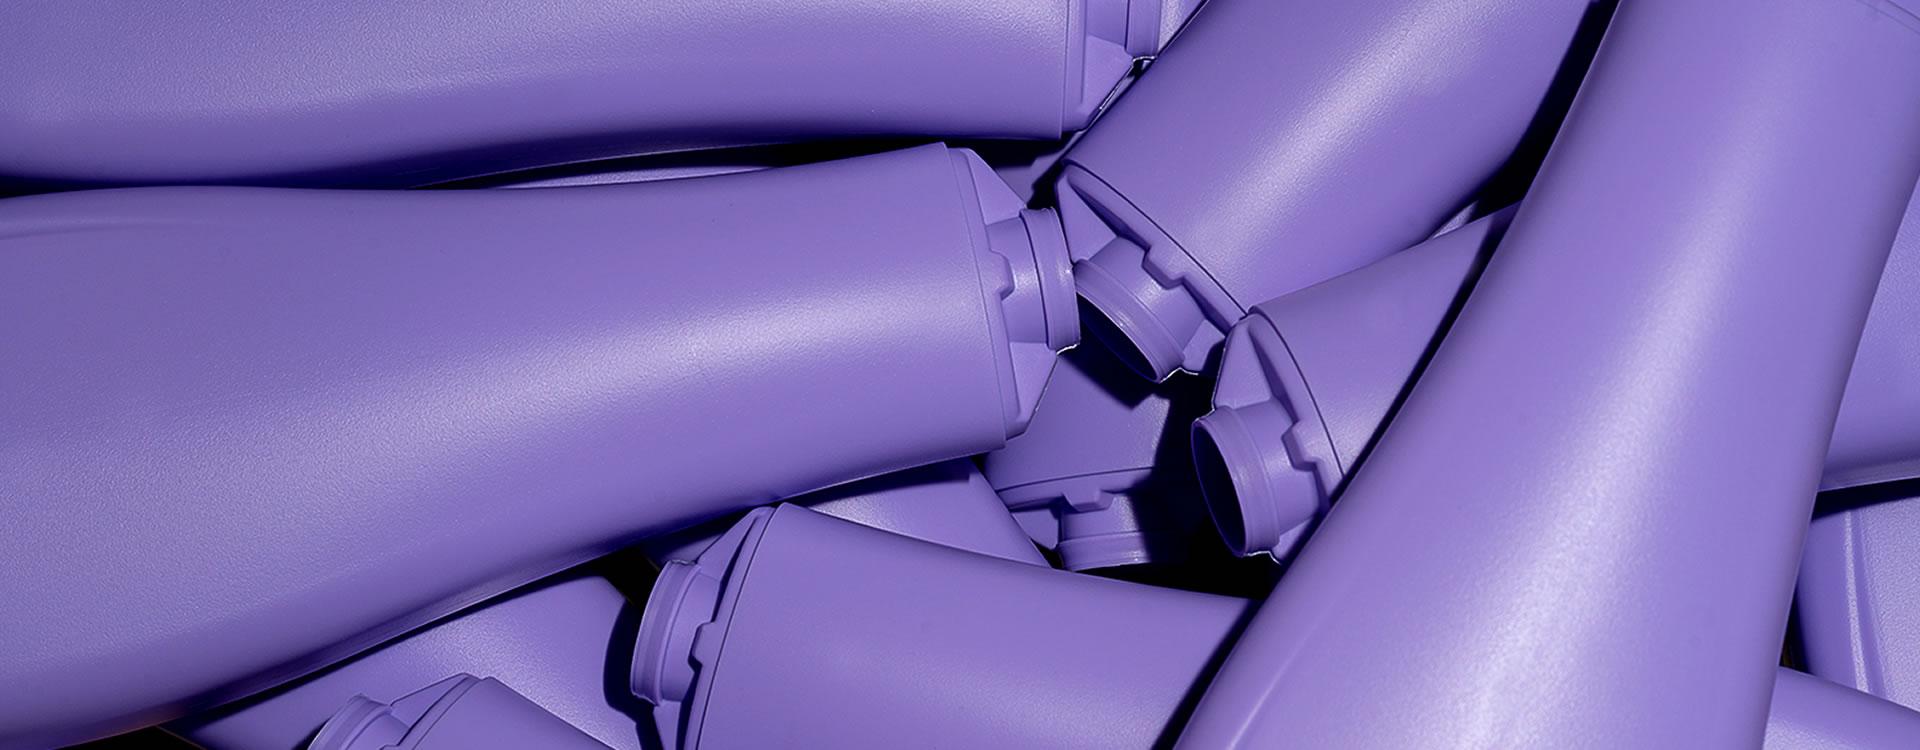 slide_box_violet